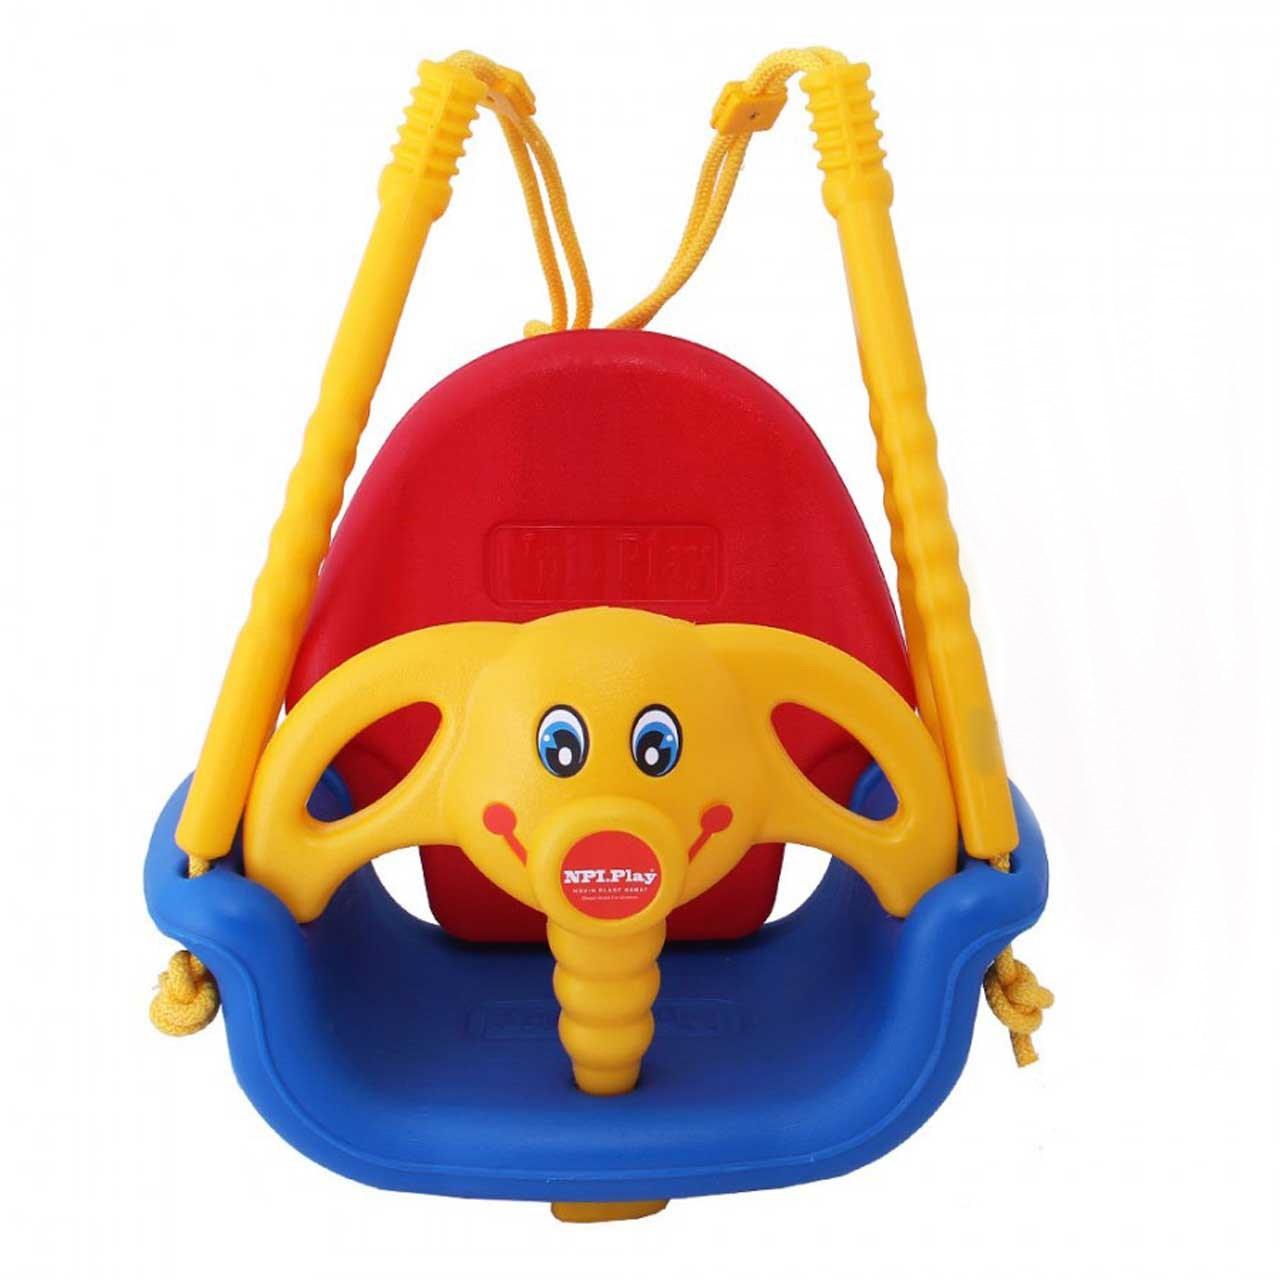 خرید                     تاب بازی موزیکال Jumbo Swing Musical